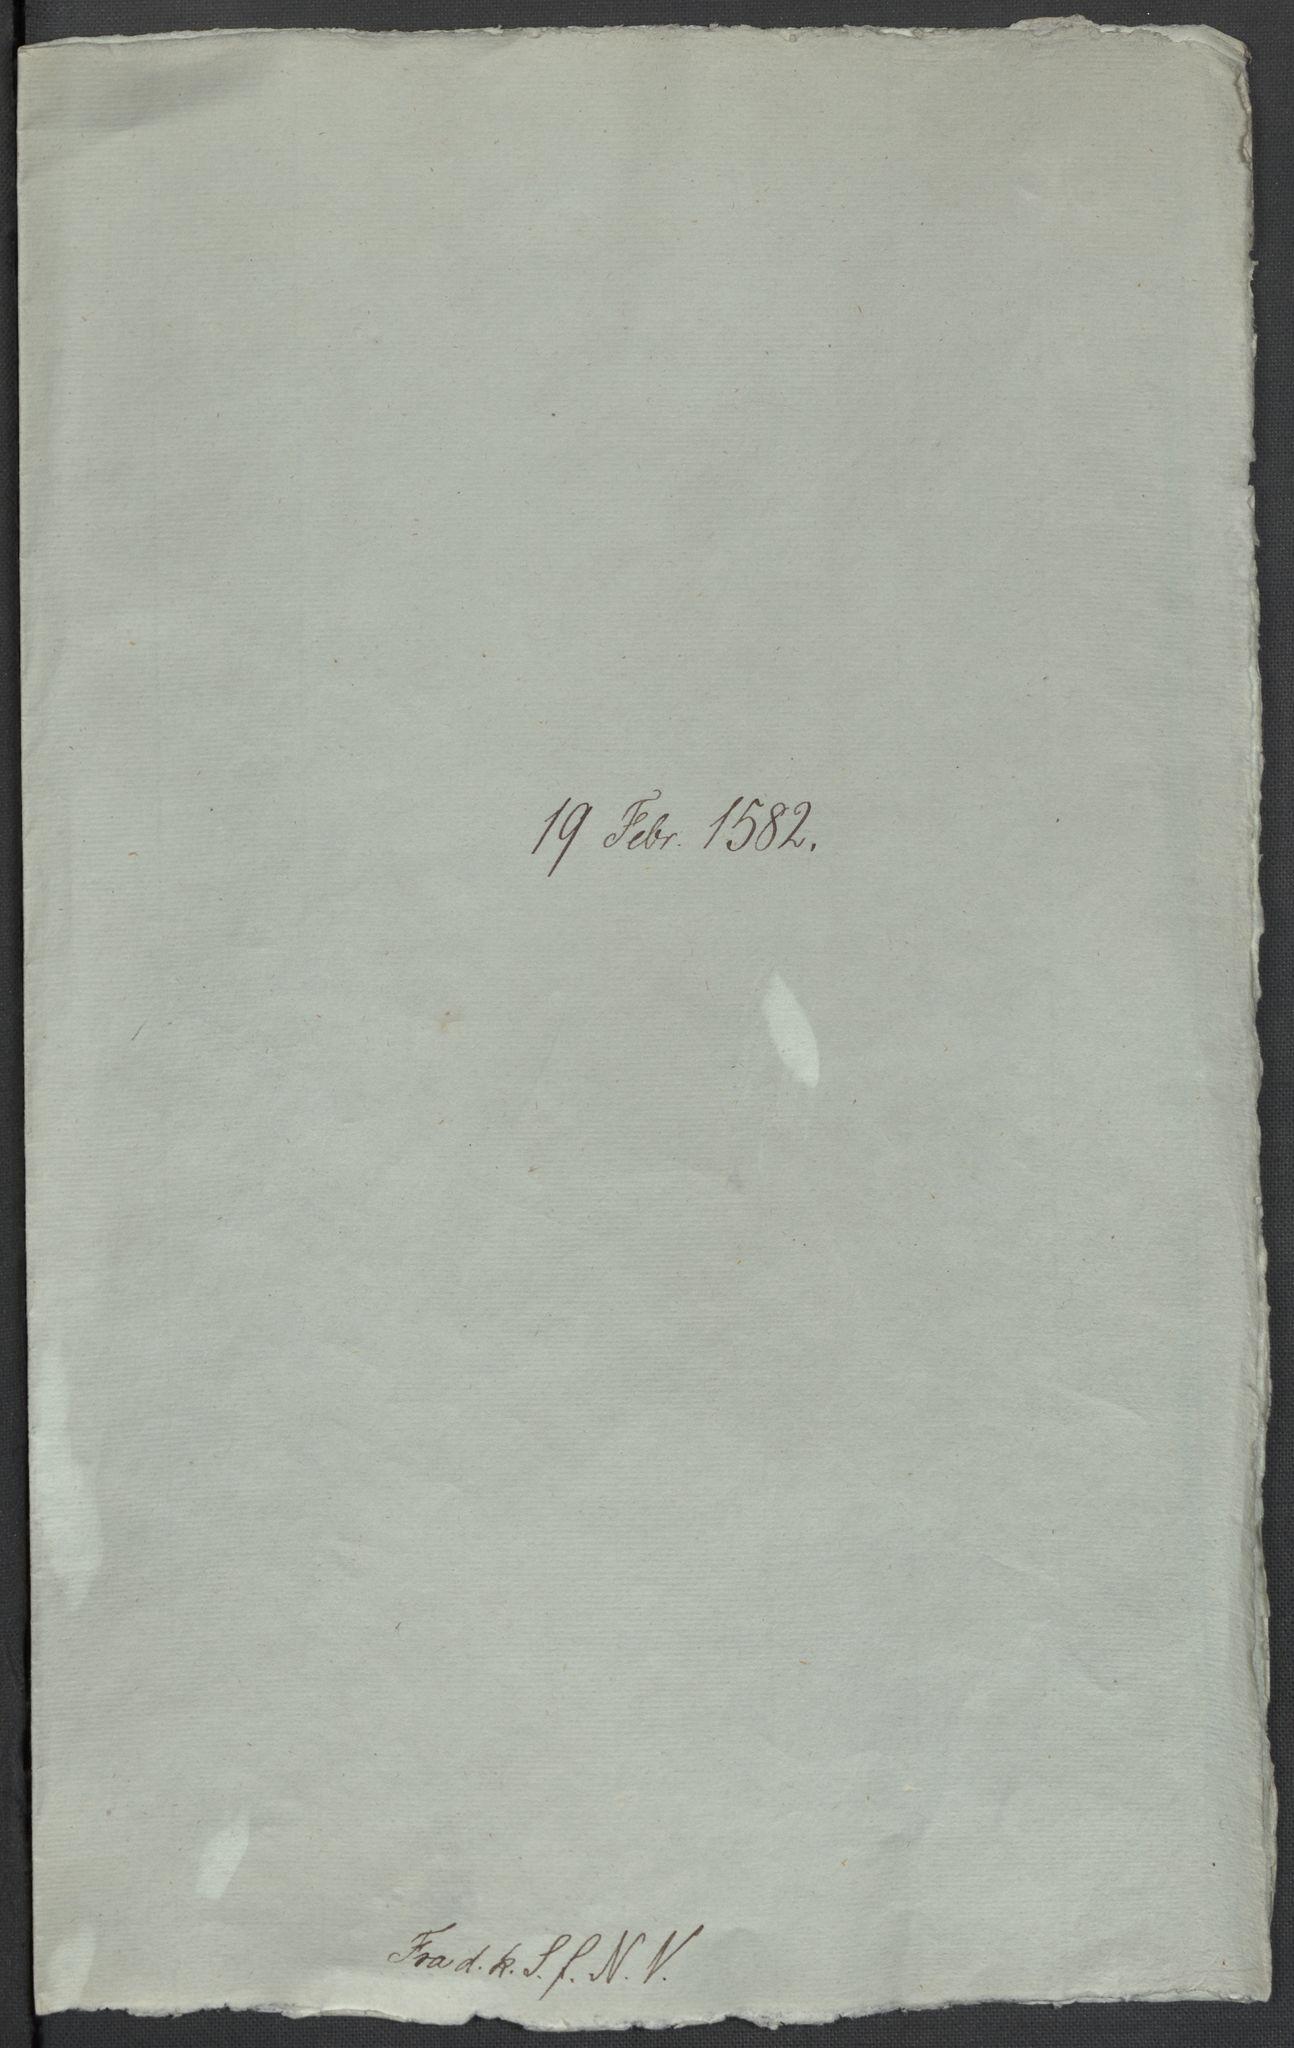 RA, Riksarkivets diplomsamling, F02/L0084: Dokumenter, 1582, s. 2